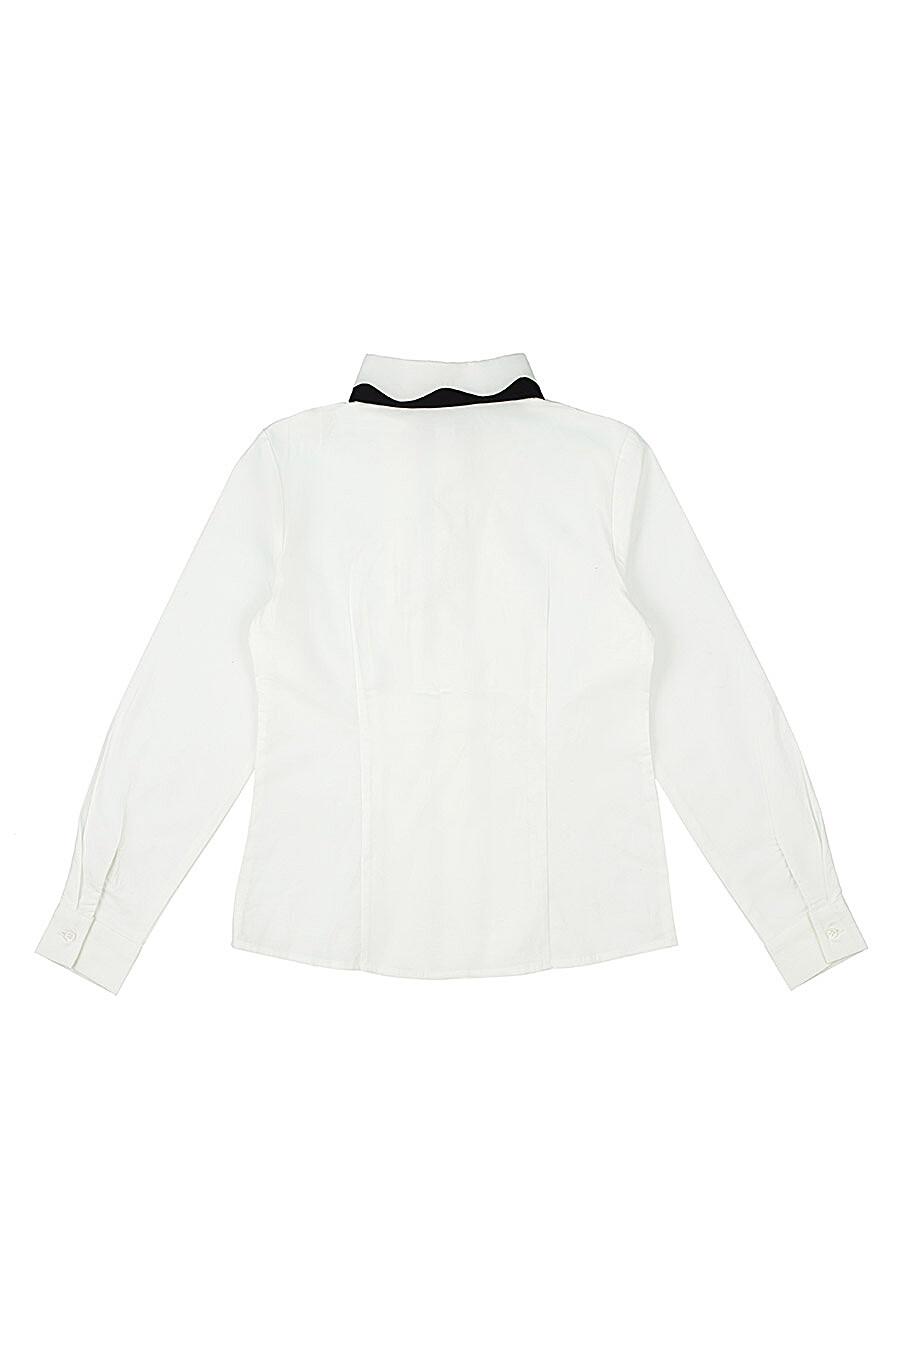 Блуза для девочек IN FUNT 218798 купить оптом от производителя. Совместная покупка детской одежды в OptMoyo